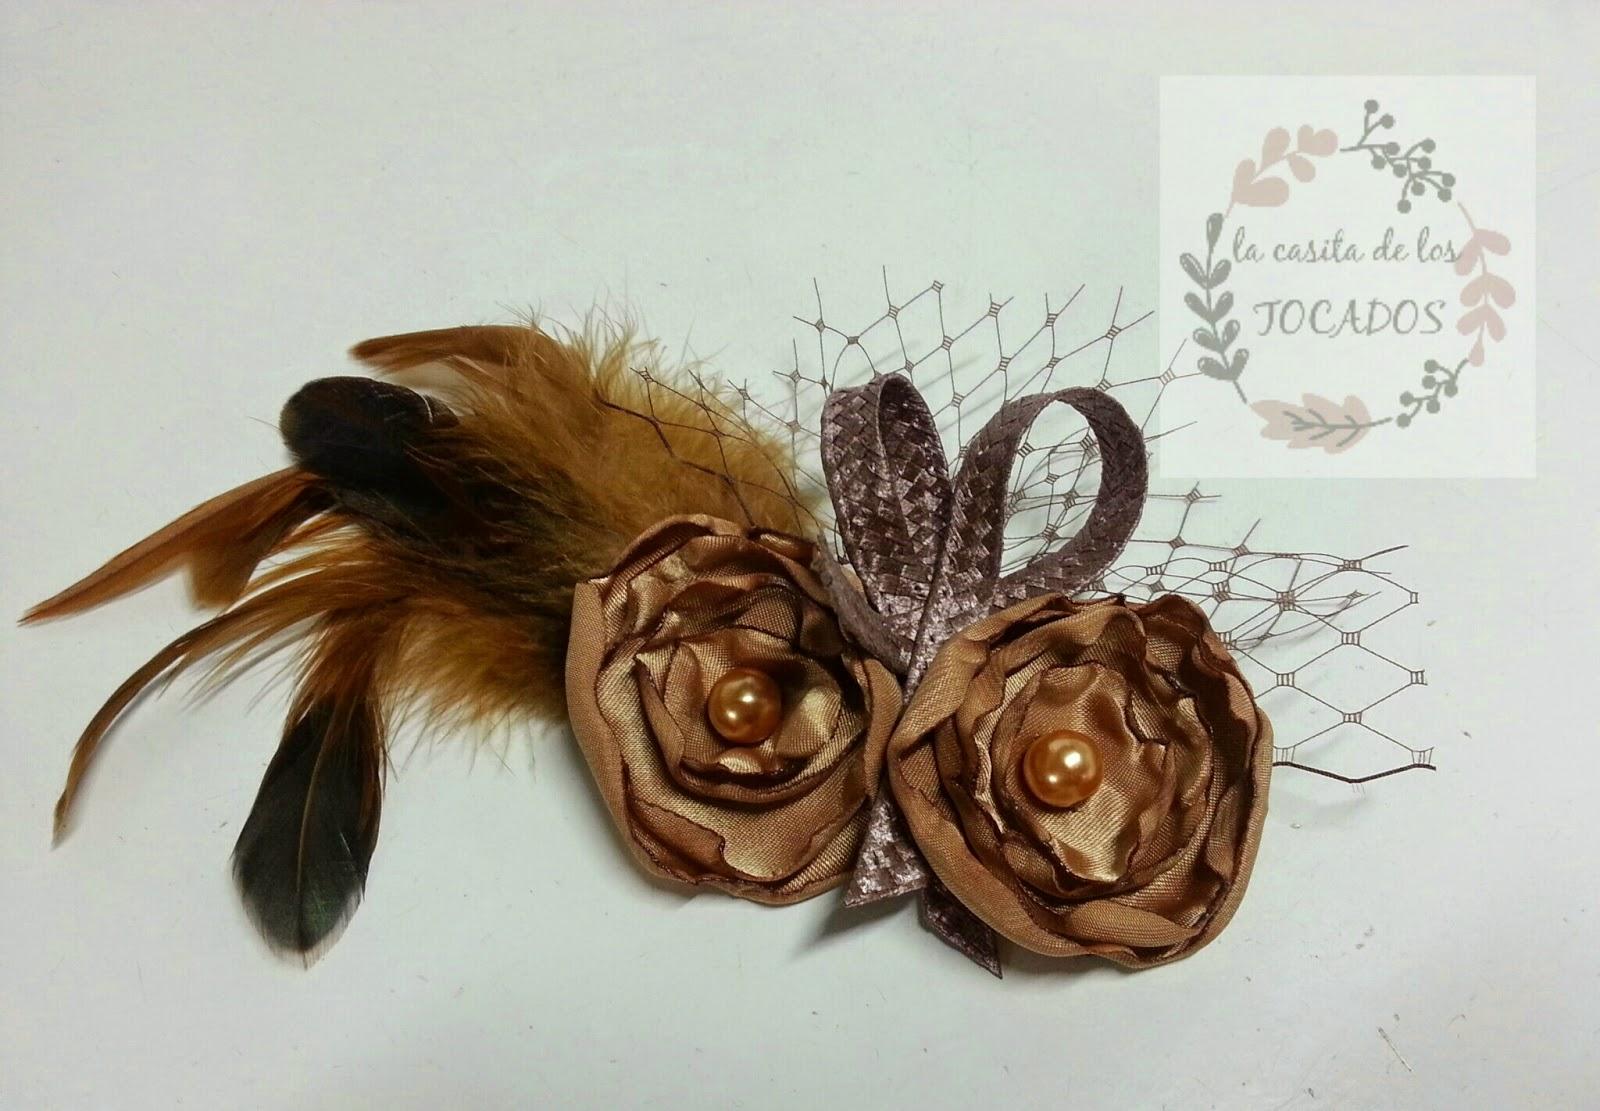 tocado económico para boda realizado de forma artesanal en varias tonalidades de marrón con flores, plumas, velo y rafia